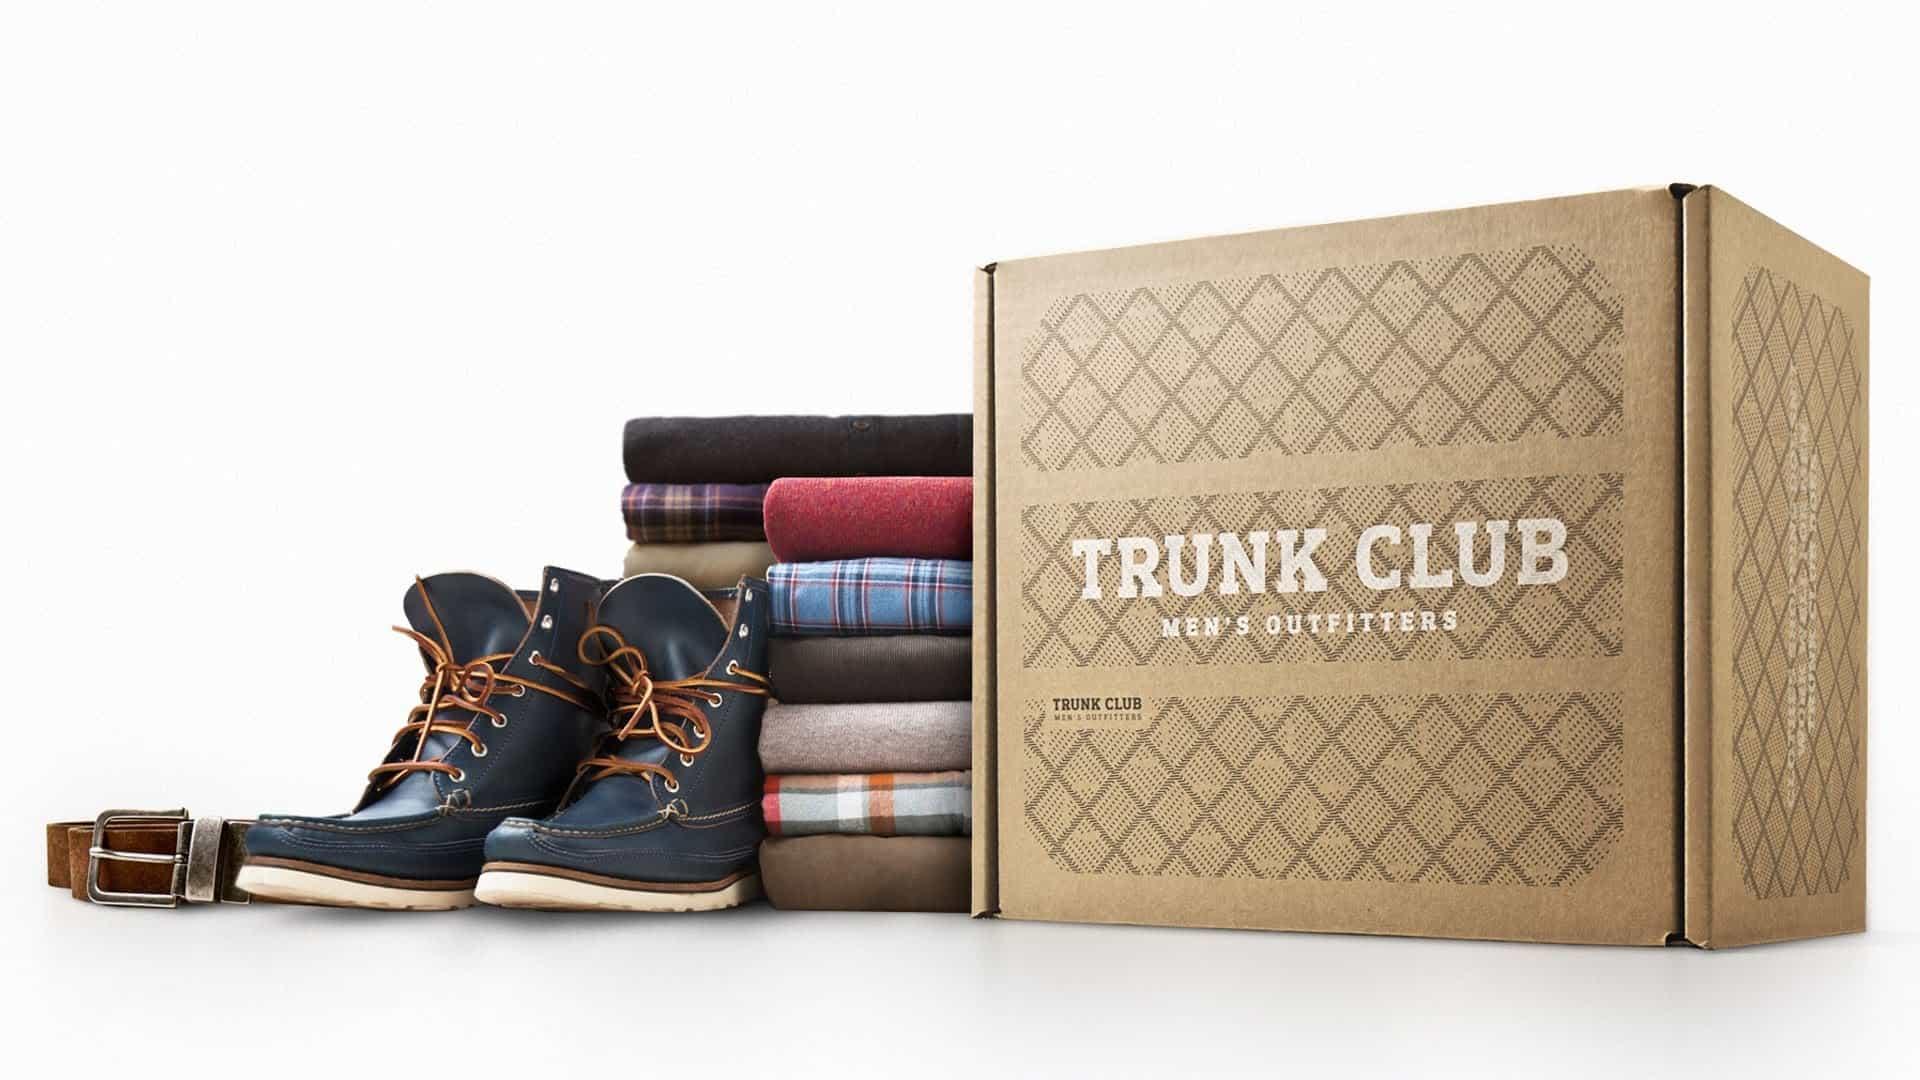 trunk club corporate